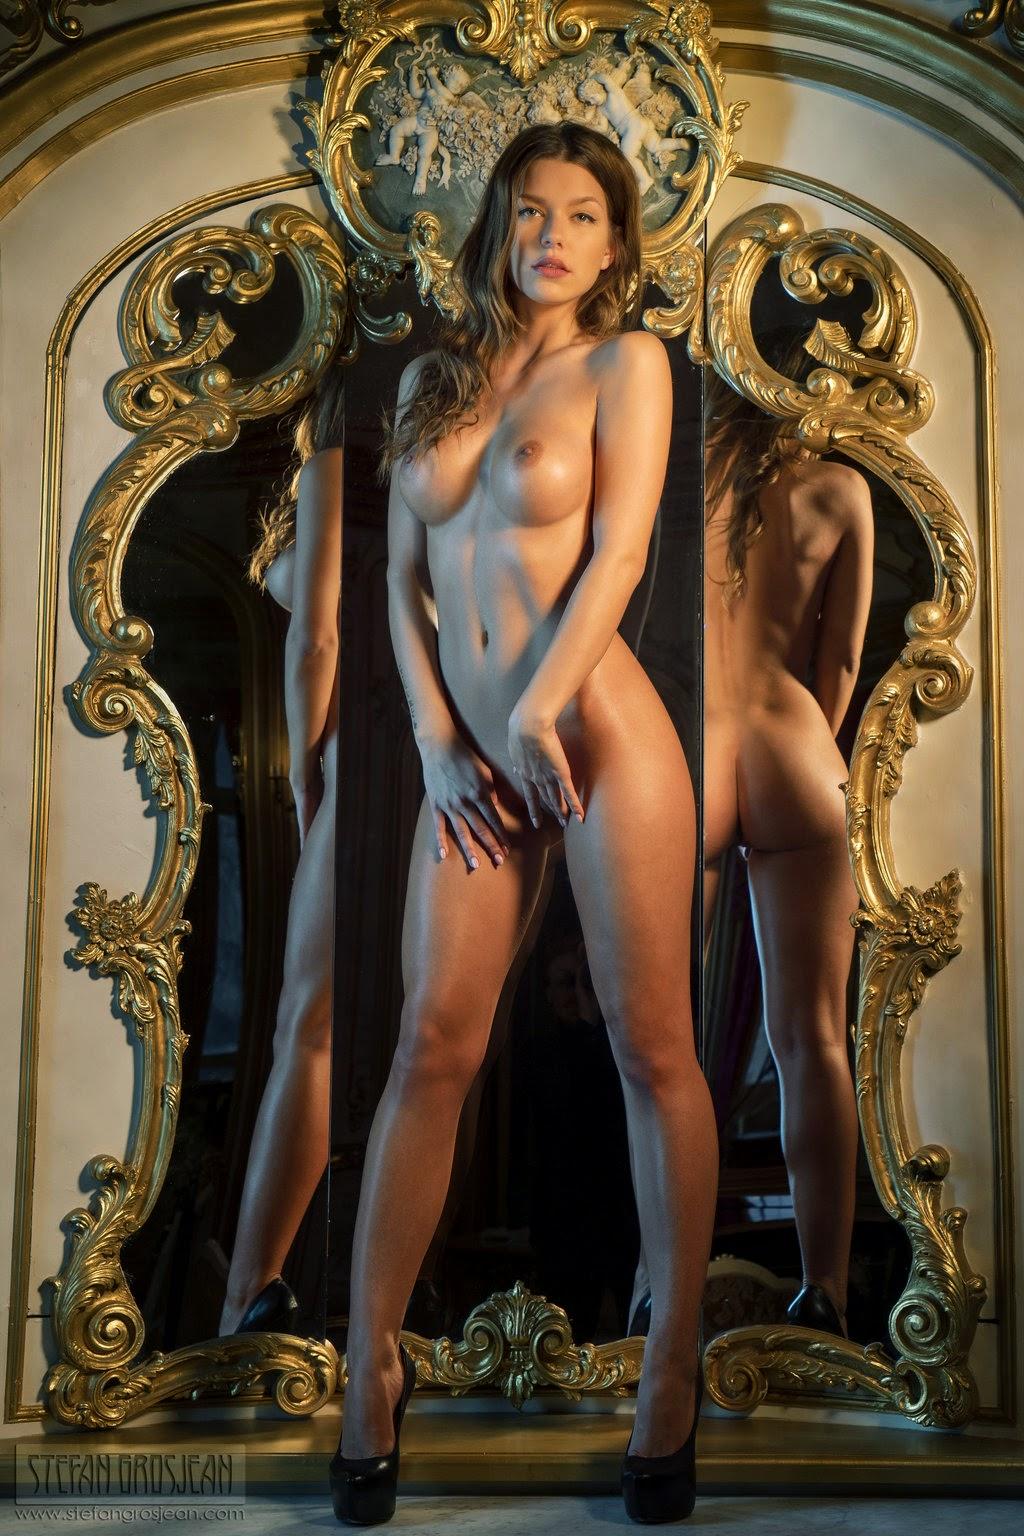 Luscious Alejandra kalman nude ass! Love